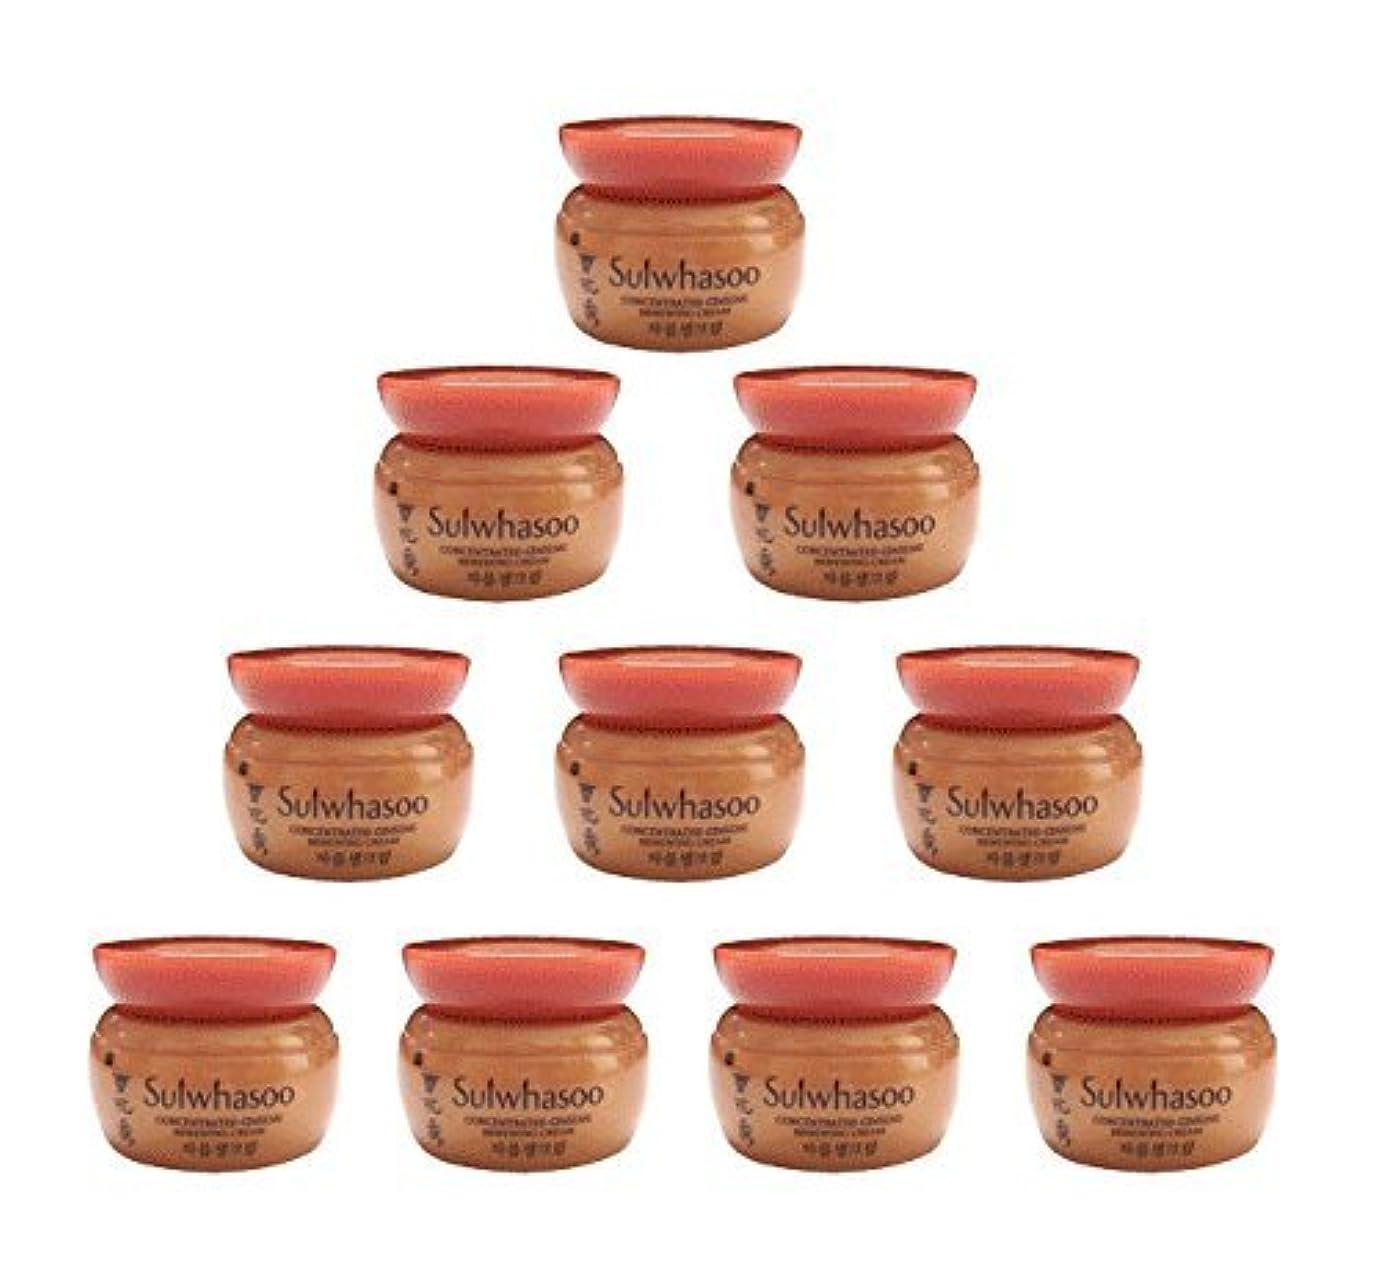 警報存在するスリップシューズ【ソルファス 雪花秀 Sulwhasoo】 Concentrated Ginseng Renewing Cream(50ml) 5ml x 10個 韓国化粧品 ブランドのサンプル [並行輸入品]